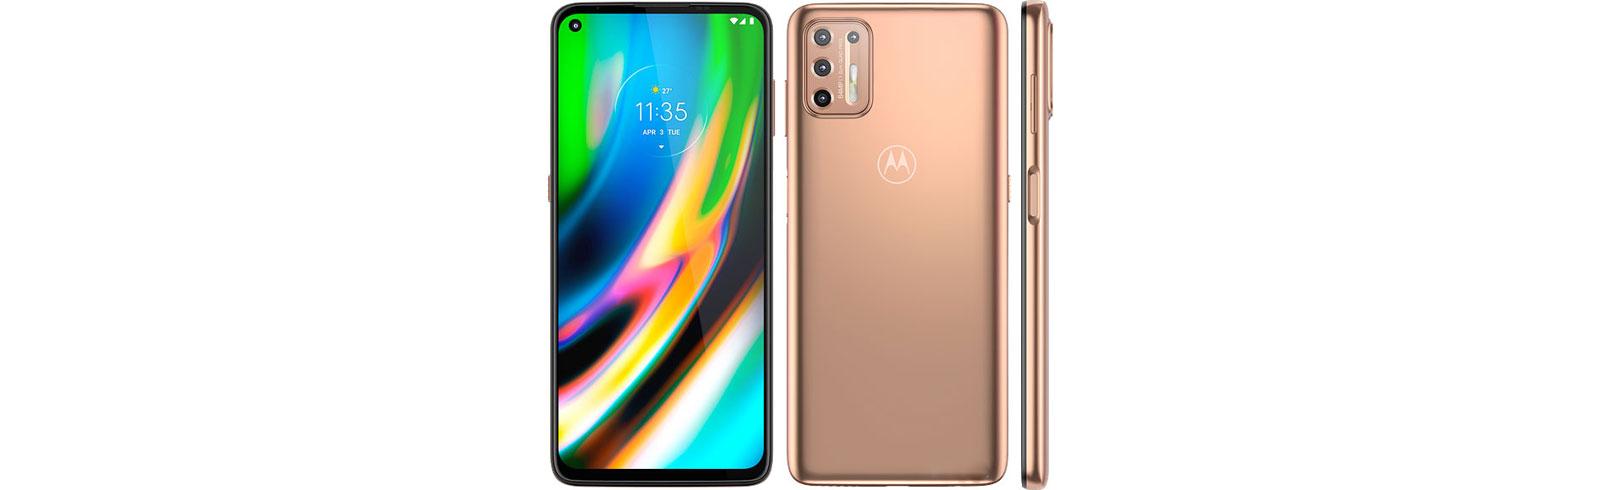 Motorola introduces the Moto G9 Plus, Moto G9 Play, and Moto E7 Plus